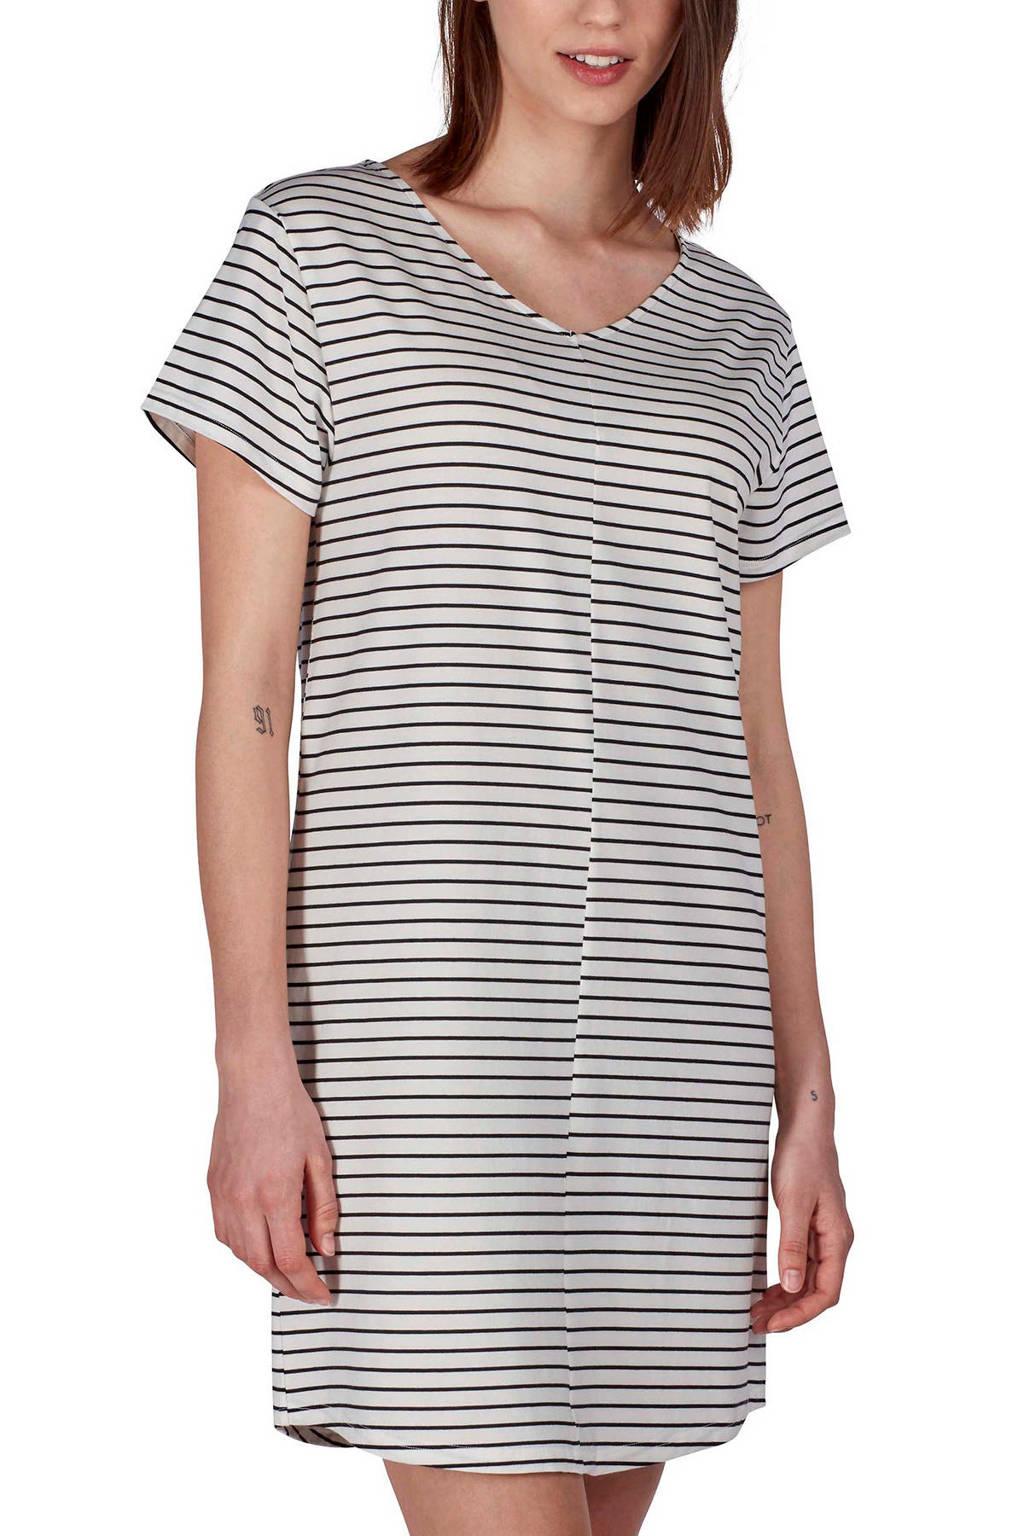 SKINY gestreept nachthemd wit/zwart, Wit/zwart